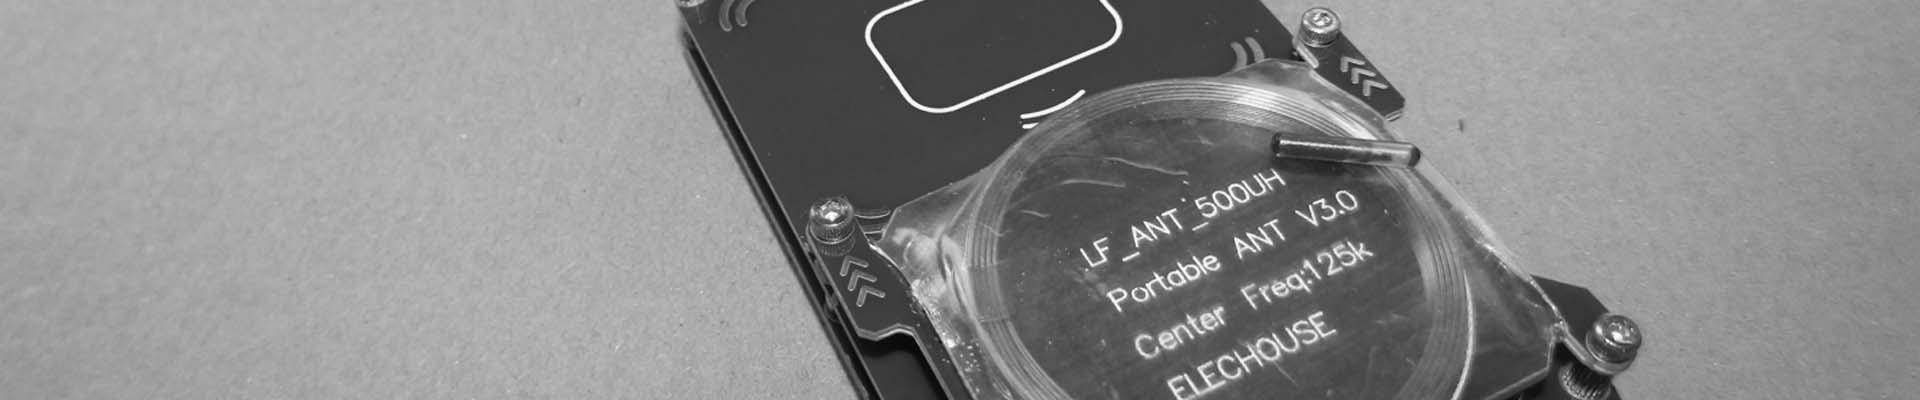 NFC kopieren simulieren